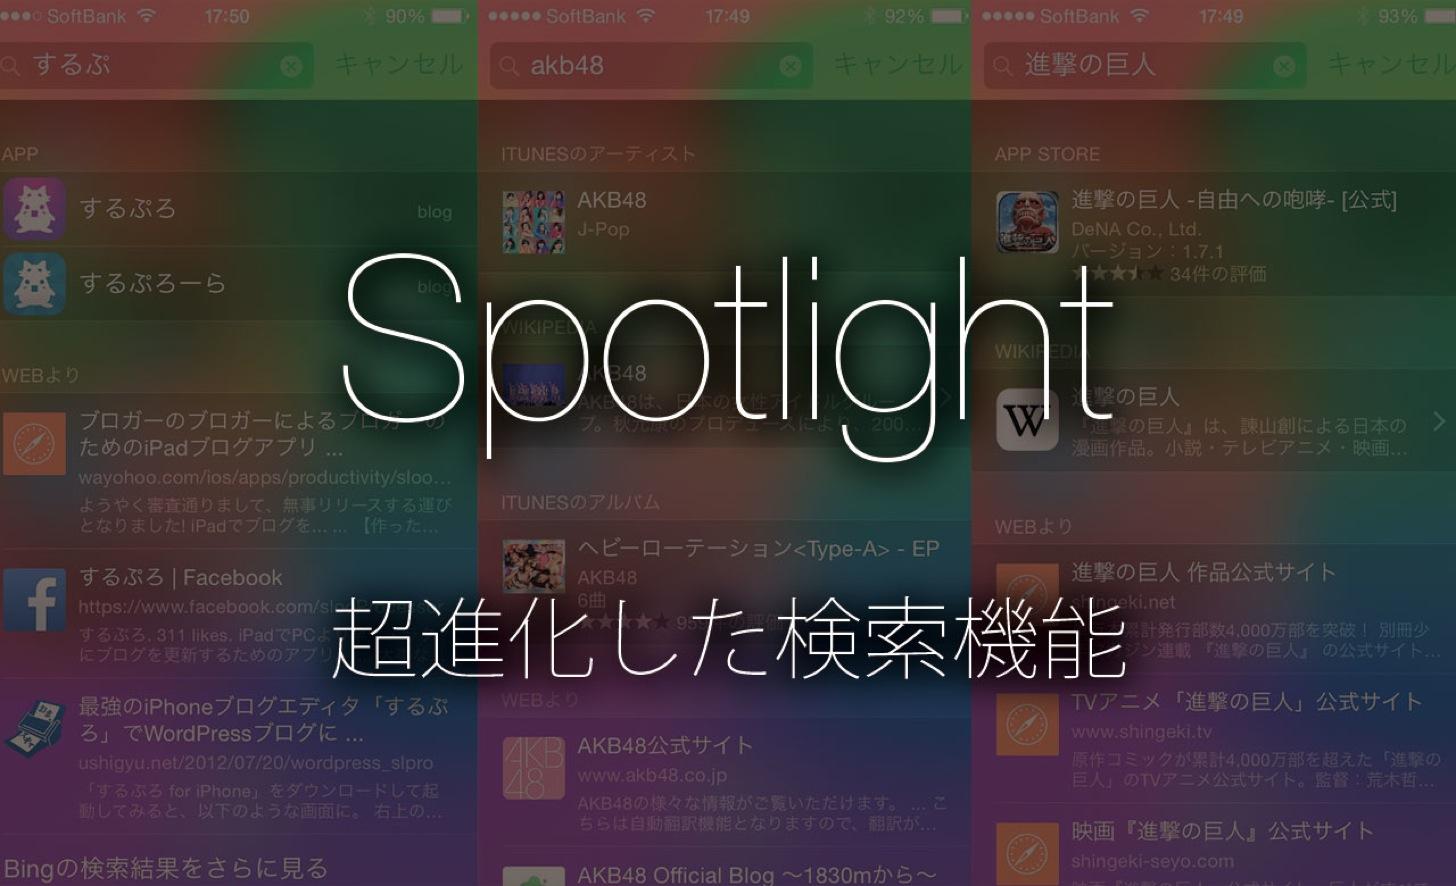 超進化したiOS 8版のSpotlight検索